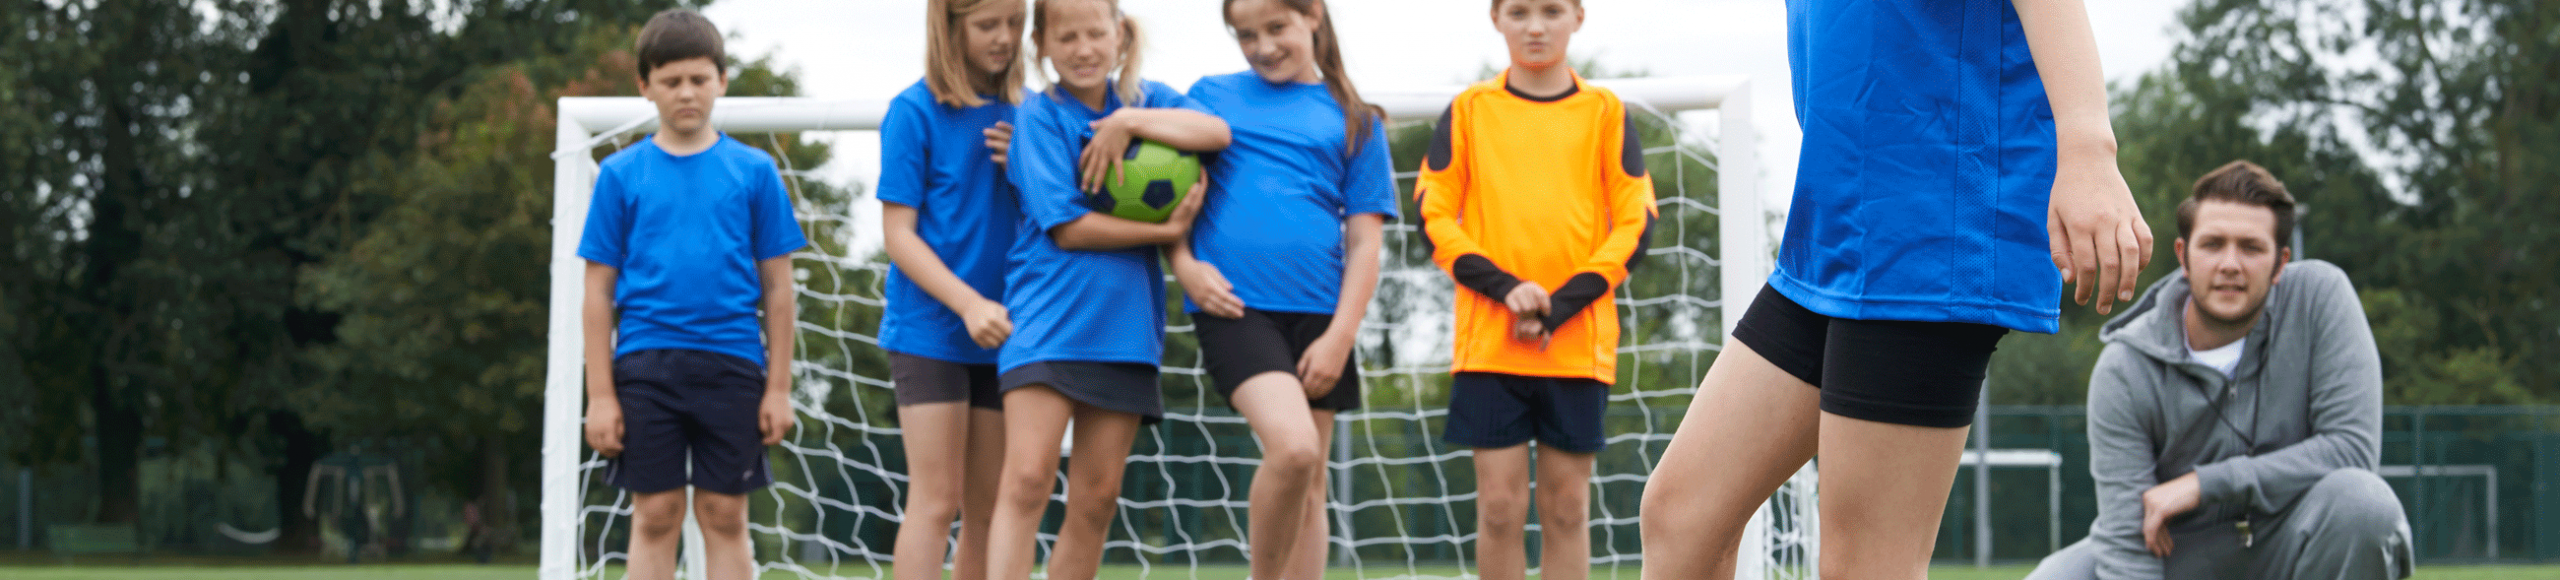 Sport Kinder